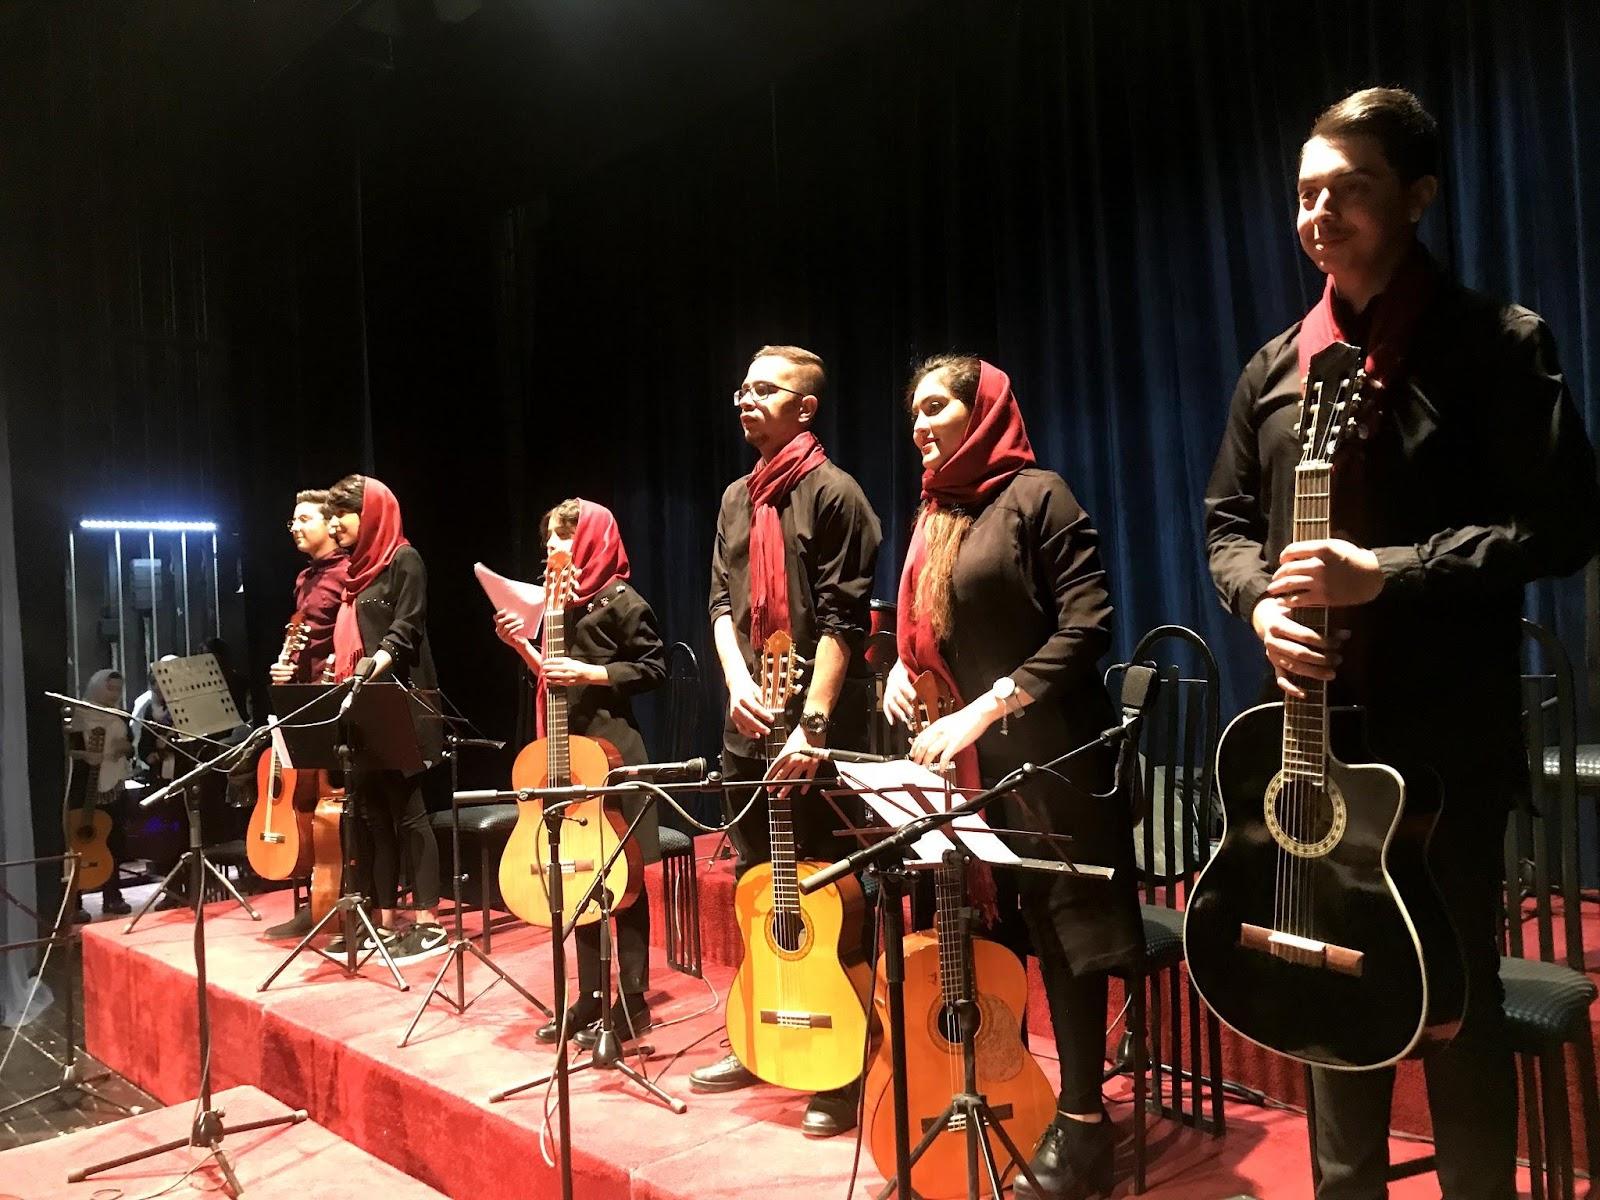 کنسرت ۴۵ هنرجویان آموزشگاه موسیقی نیما فریدونی